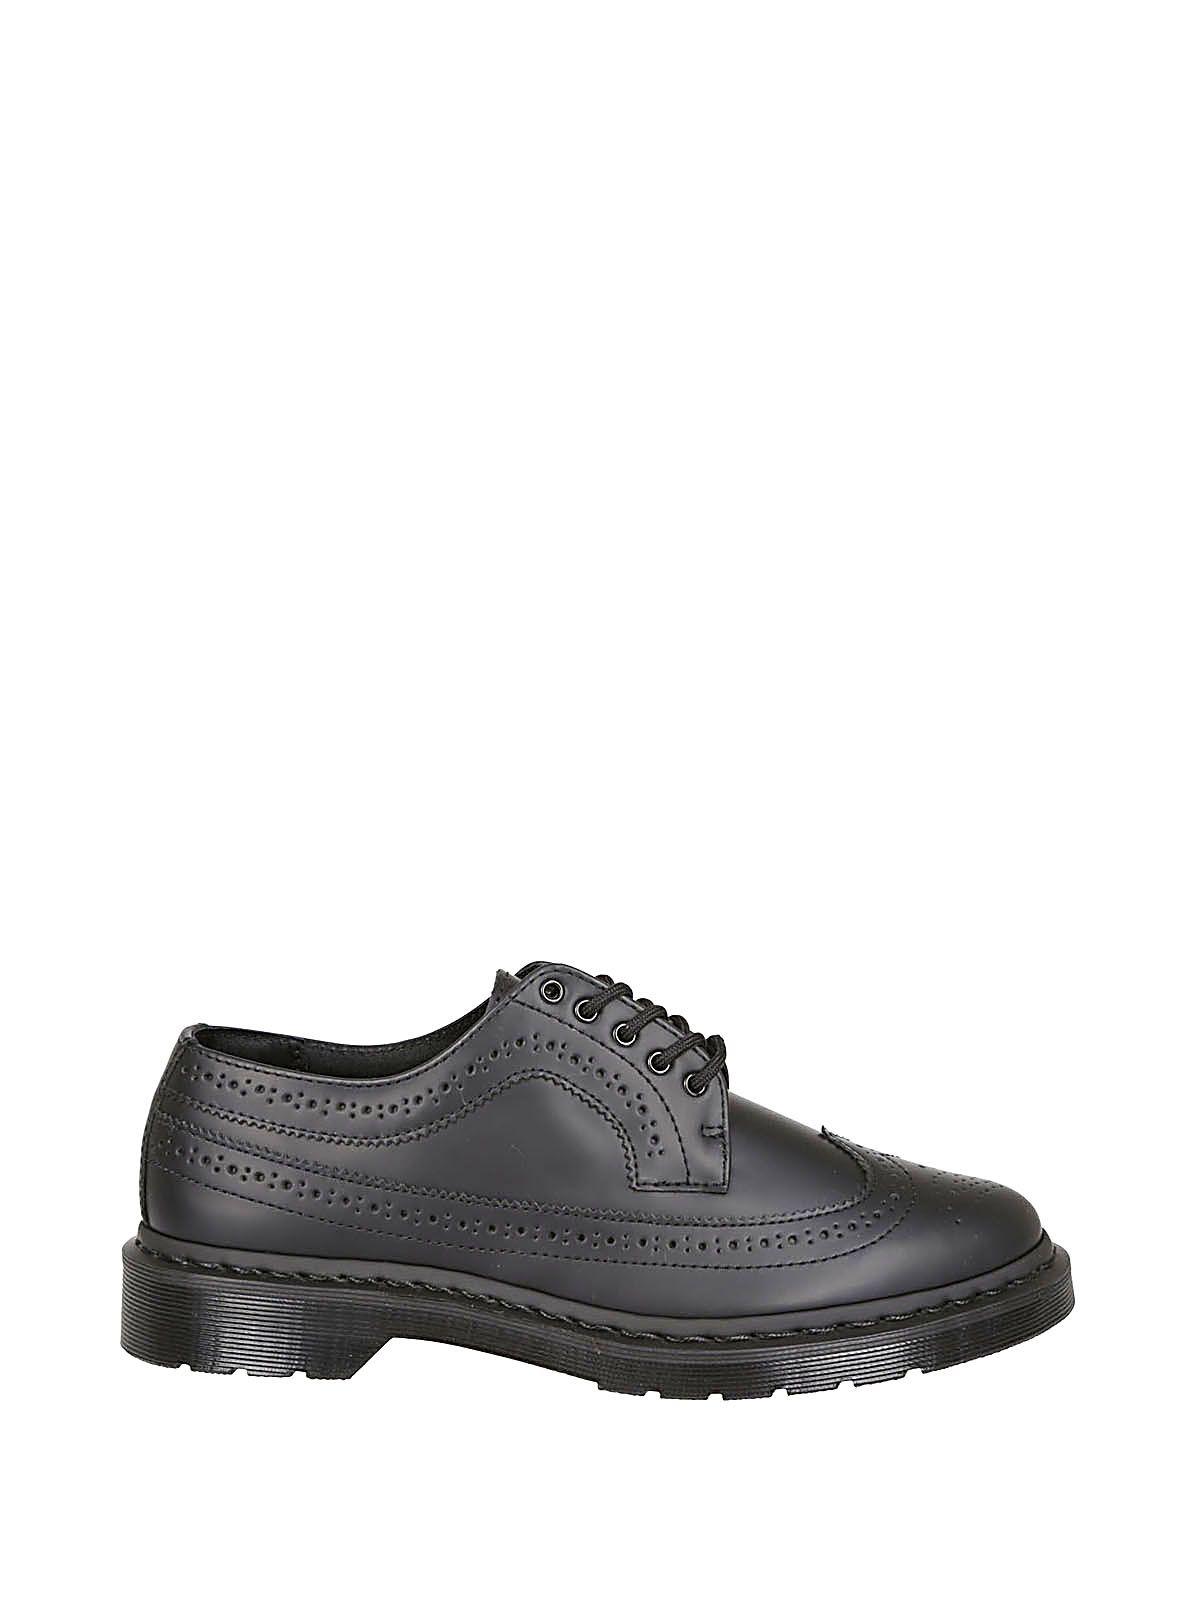 Dr Martens 3989 Mono Lace Up Shoes